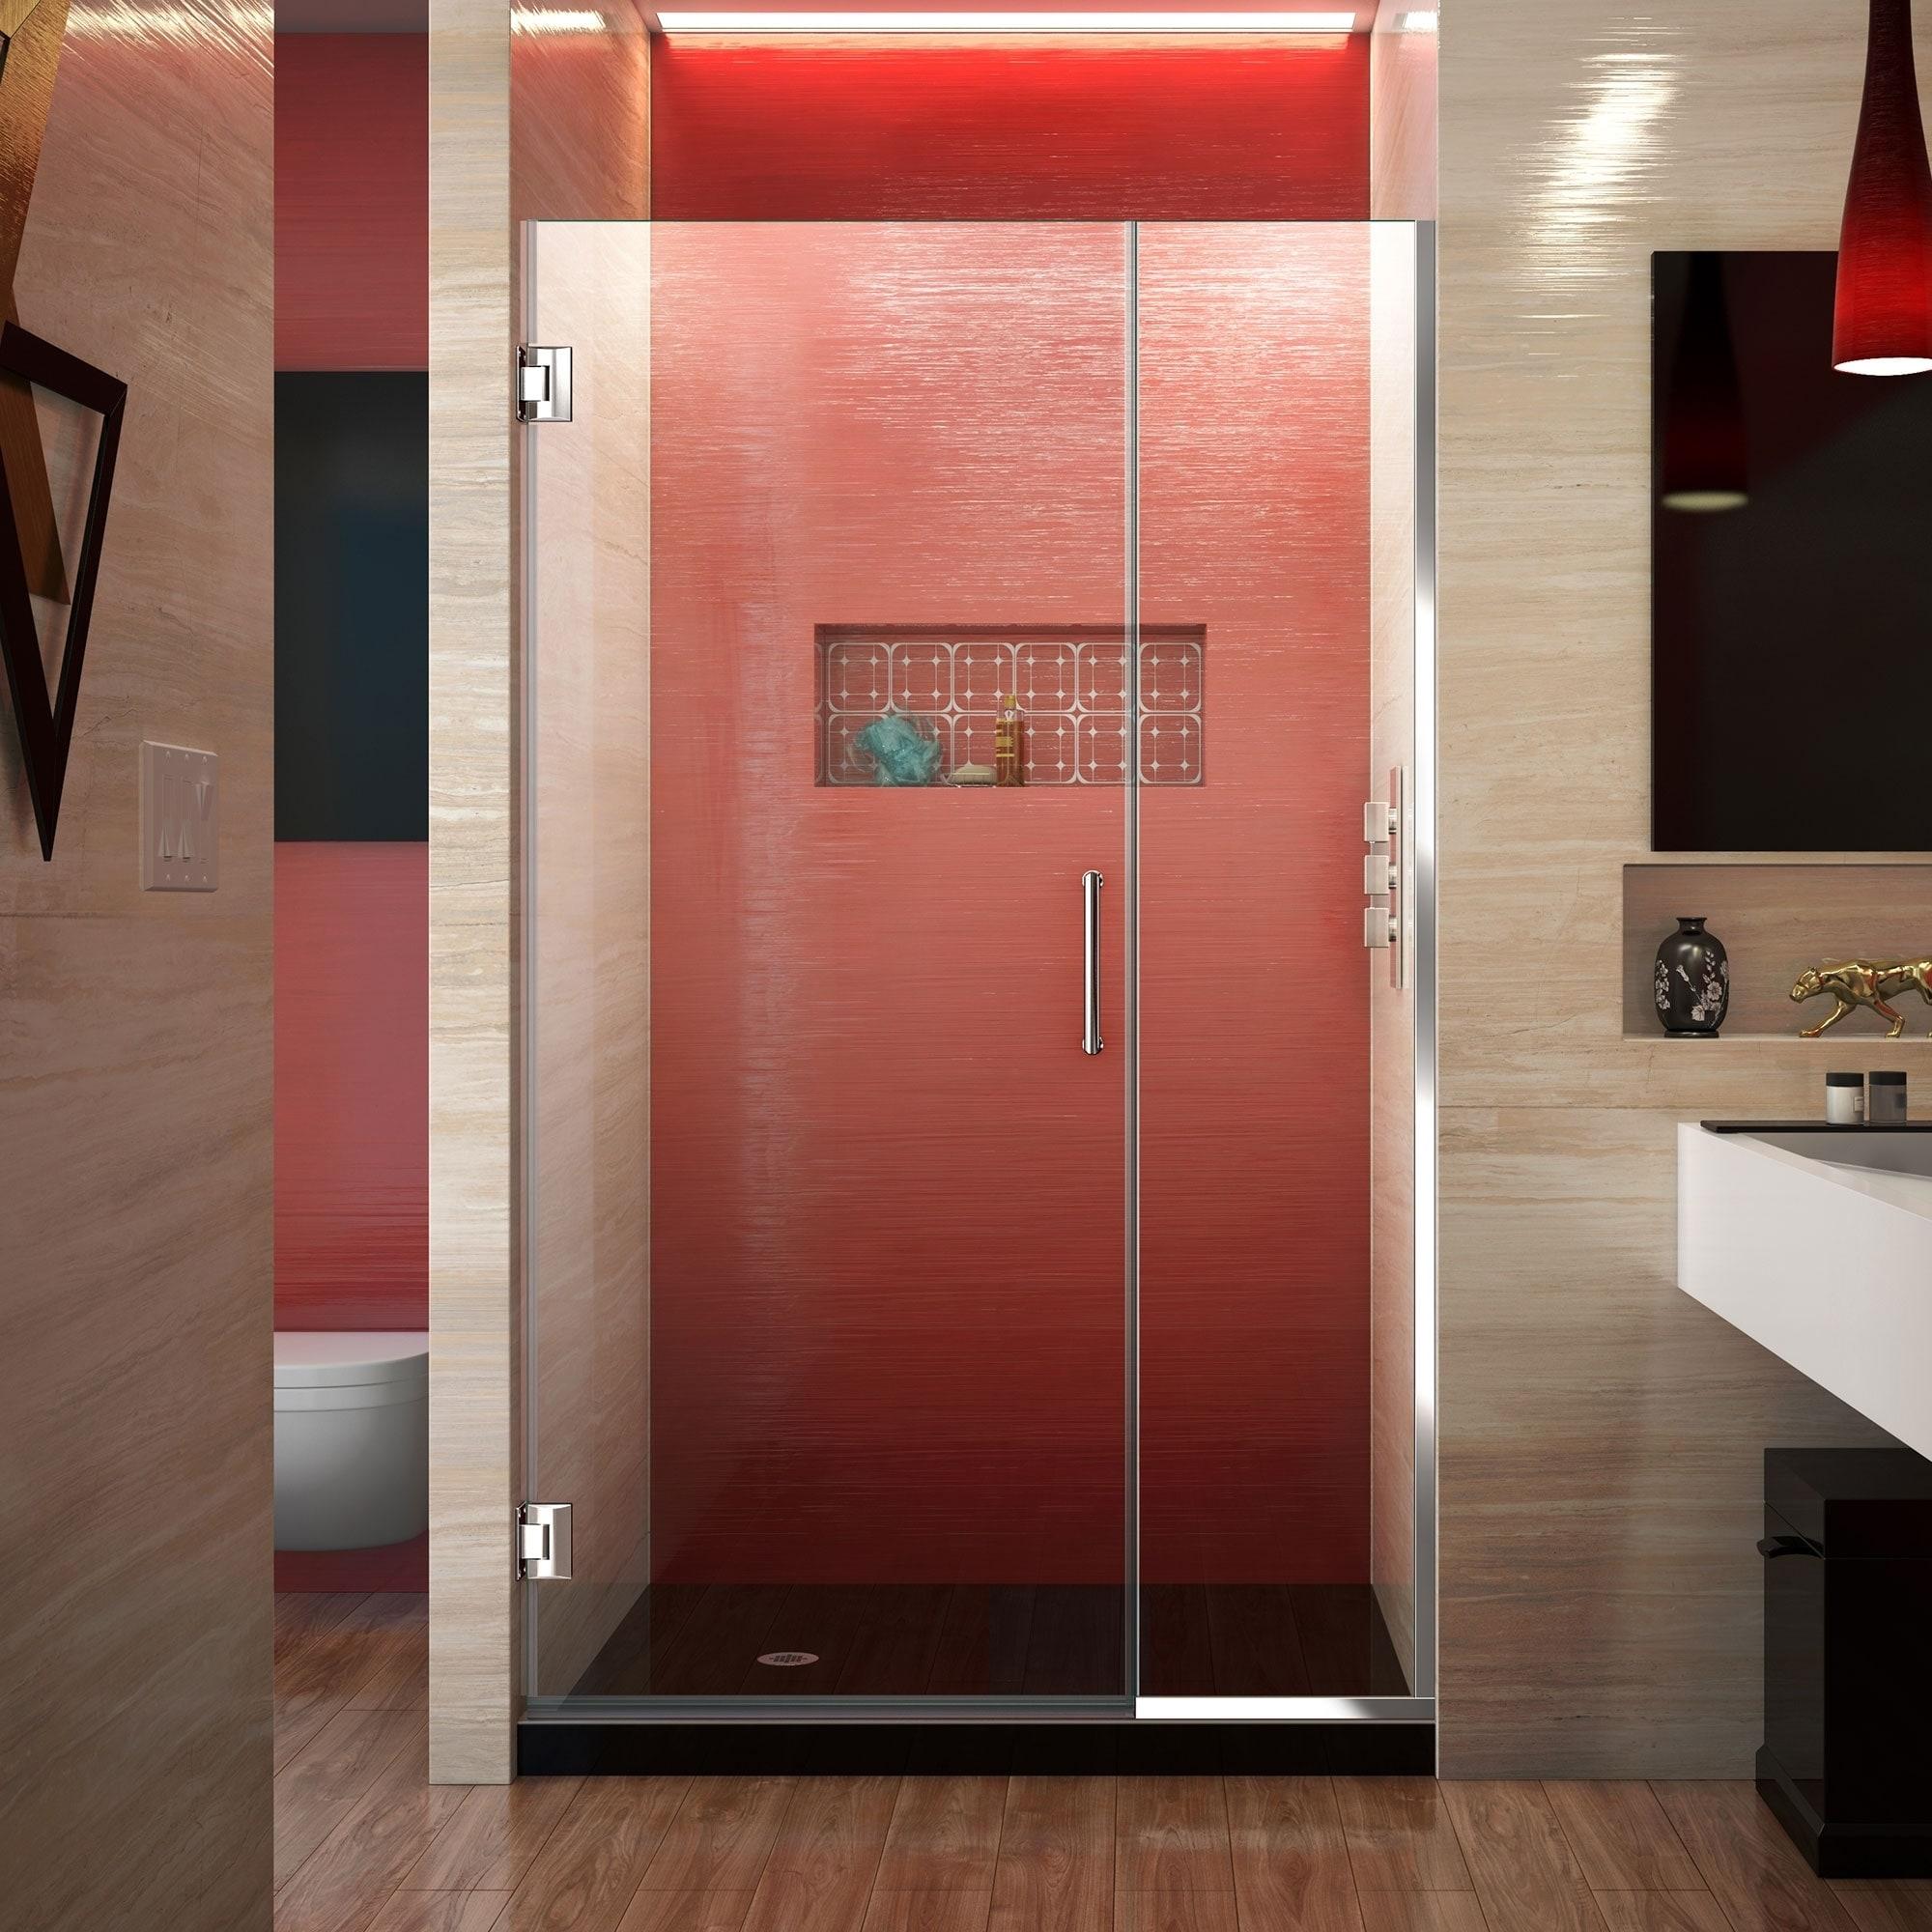 39 inch shower door Shower Doors & Enclosures